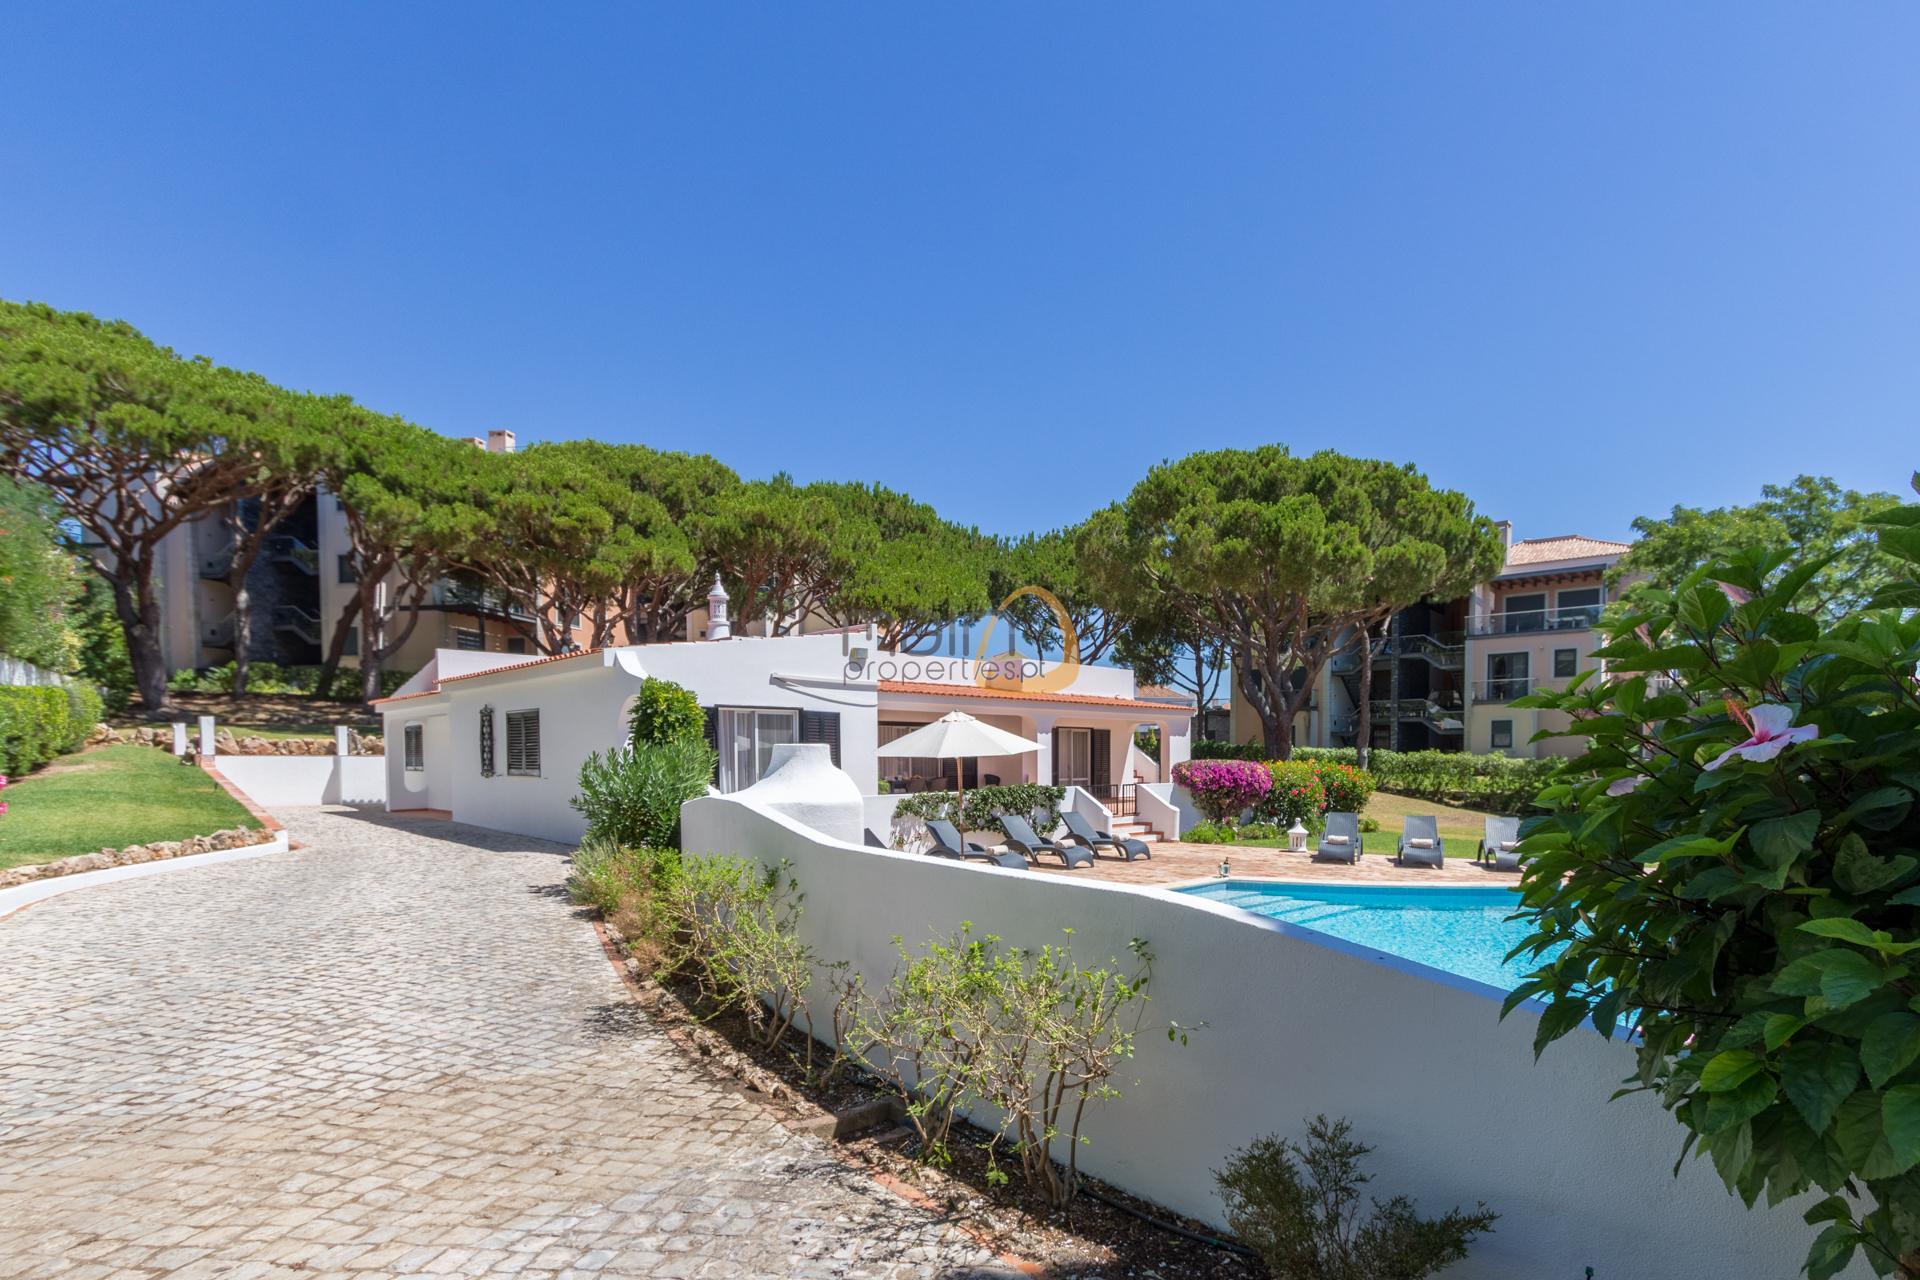 villa-in-vale-do-lobo-algarve-golden-triangle-portugal-property-real-estate-mainproperties-mp139vdl-3